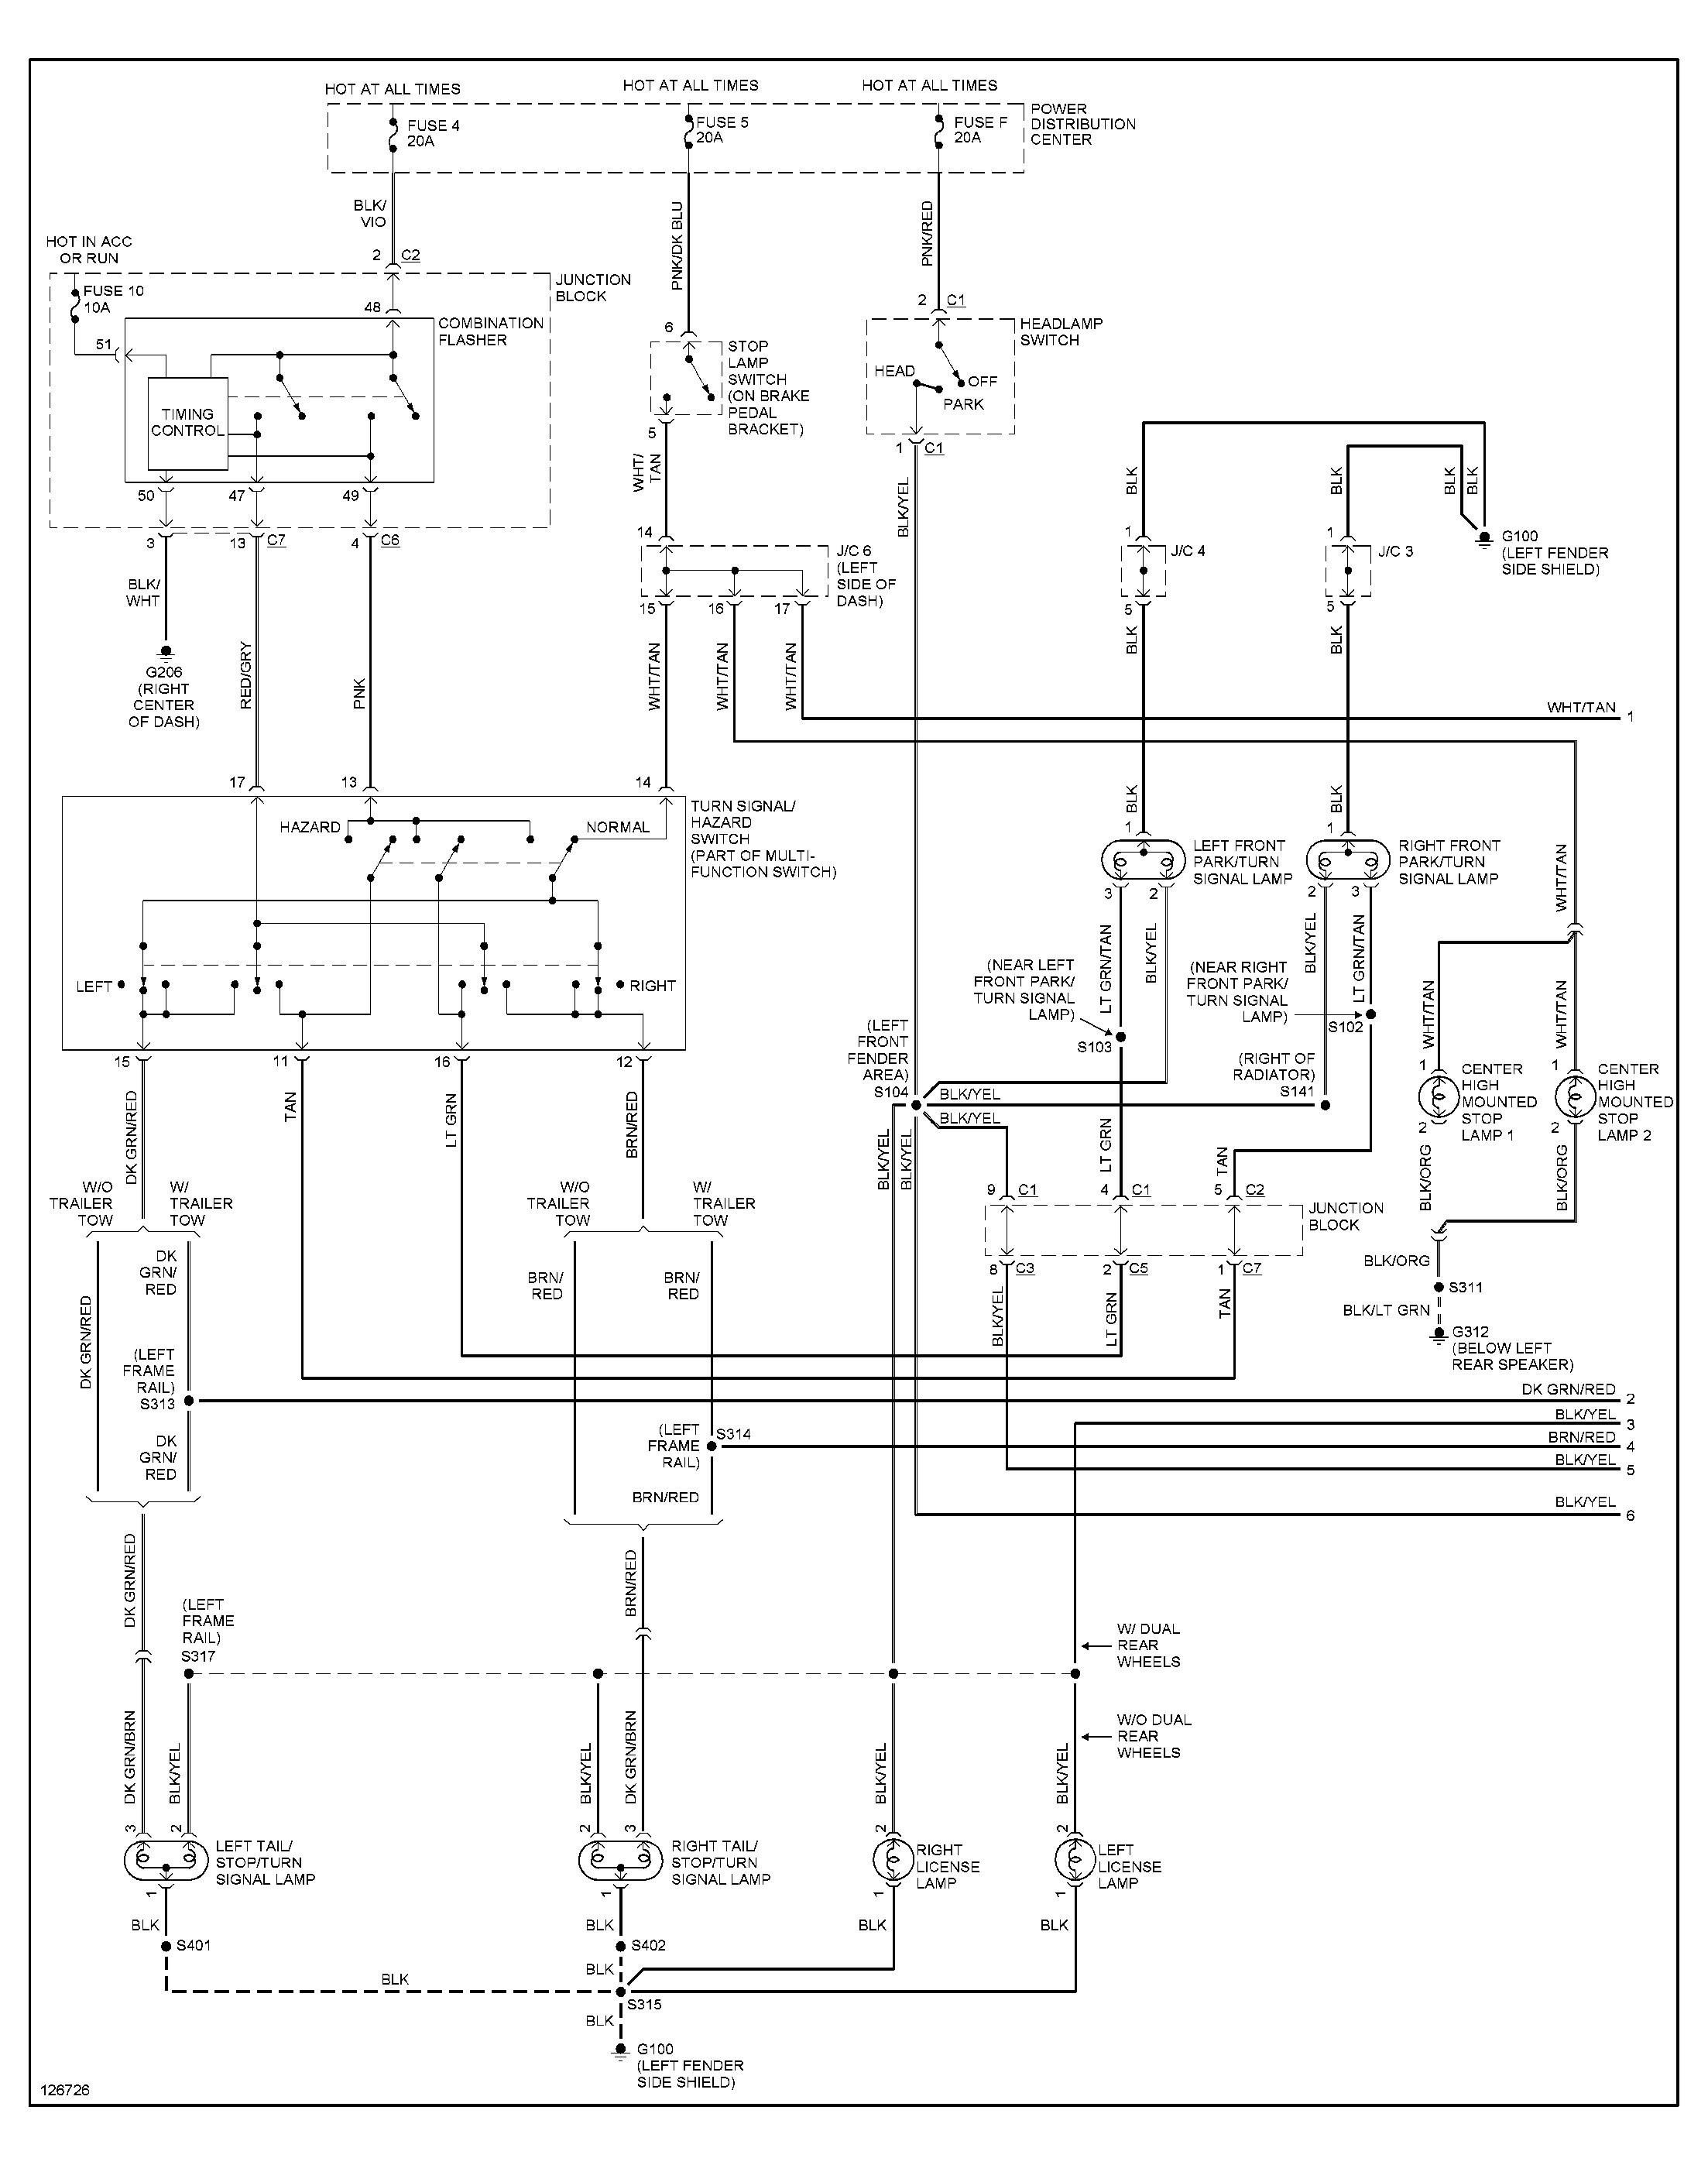 Turn Signal Brake Light Wiring Diagram Wiring Diagram Turn Signals and Brake Lights Fresh Ram Circuit Of Turn Signal Brake Light Wiring Diagram